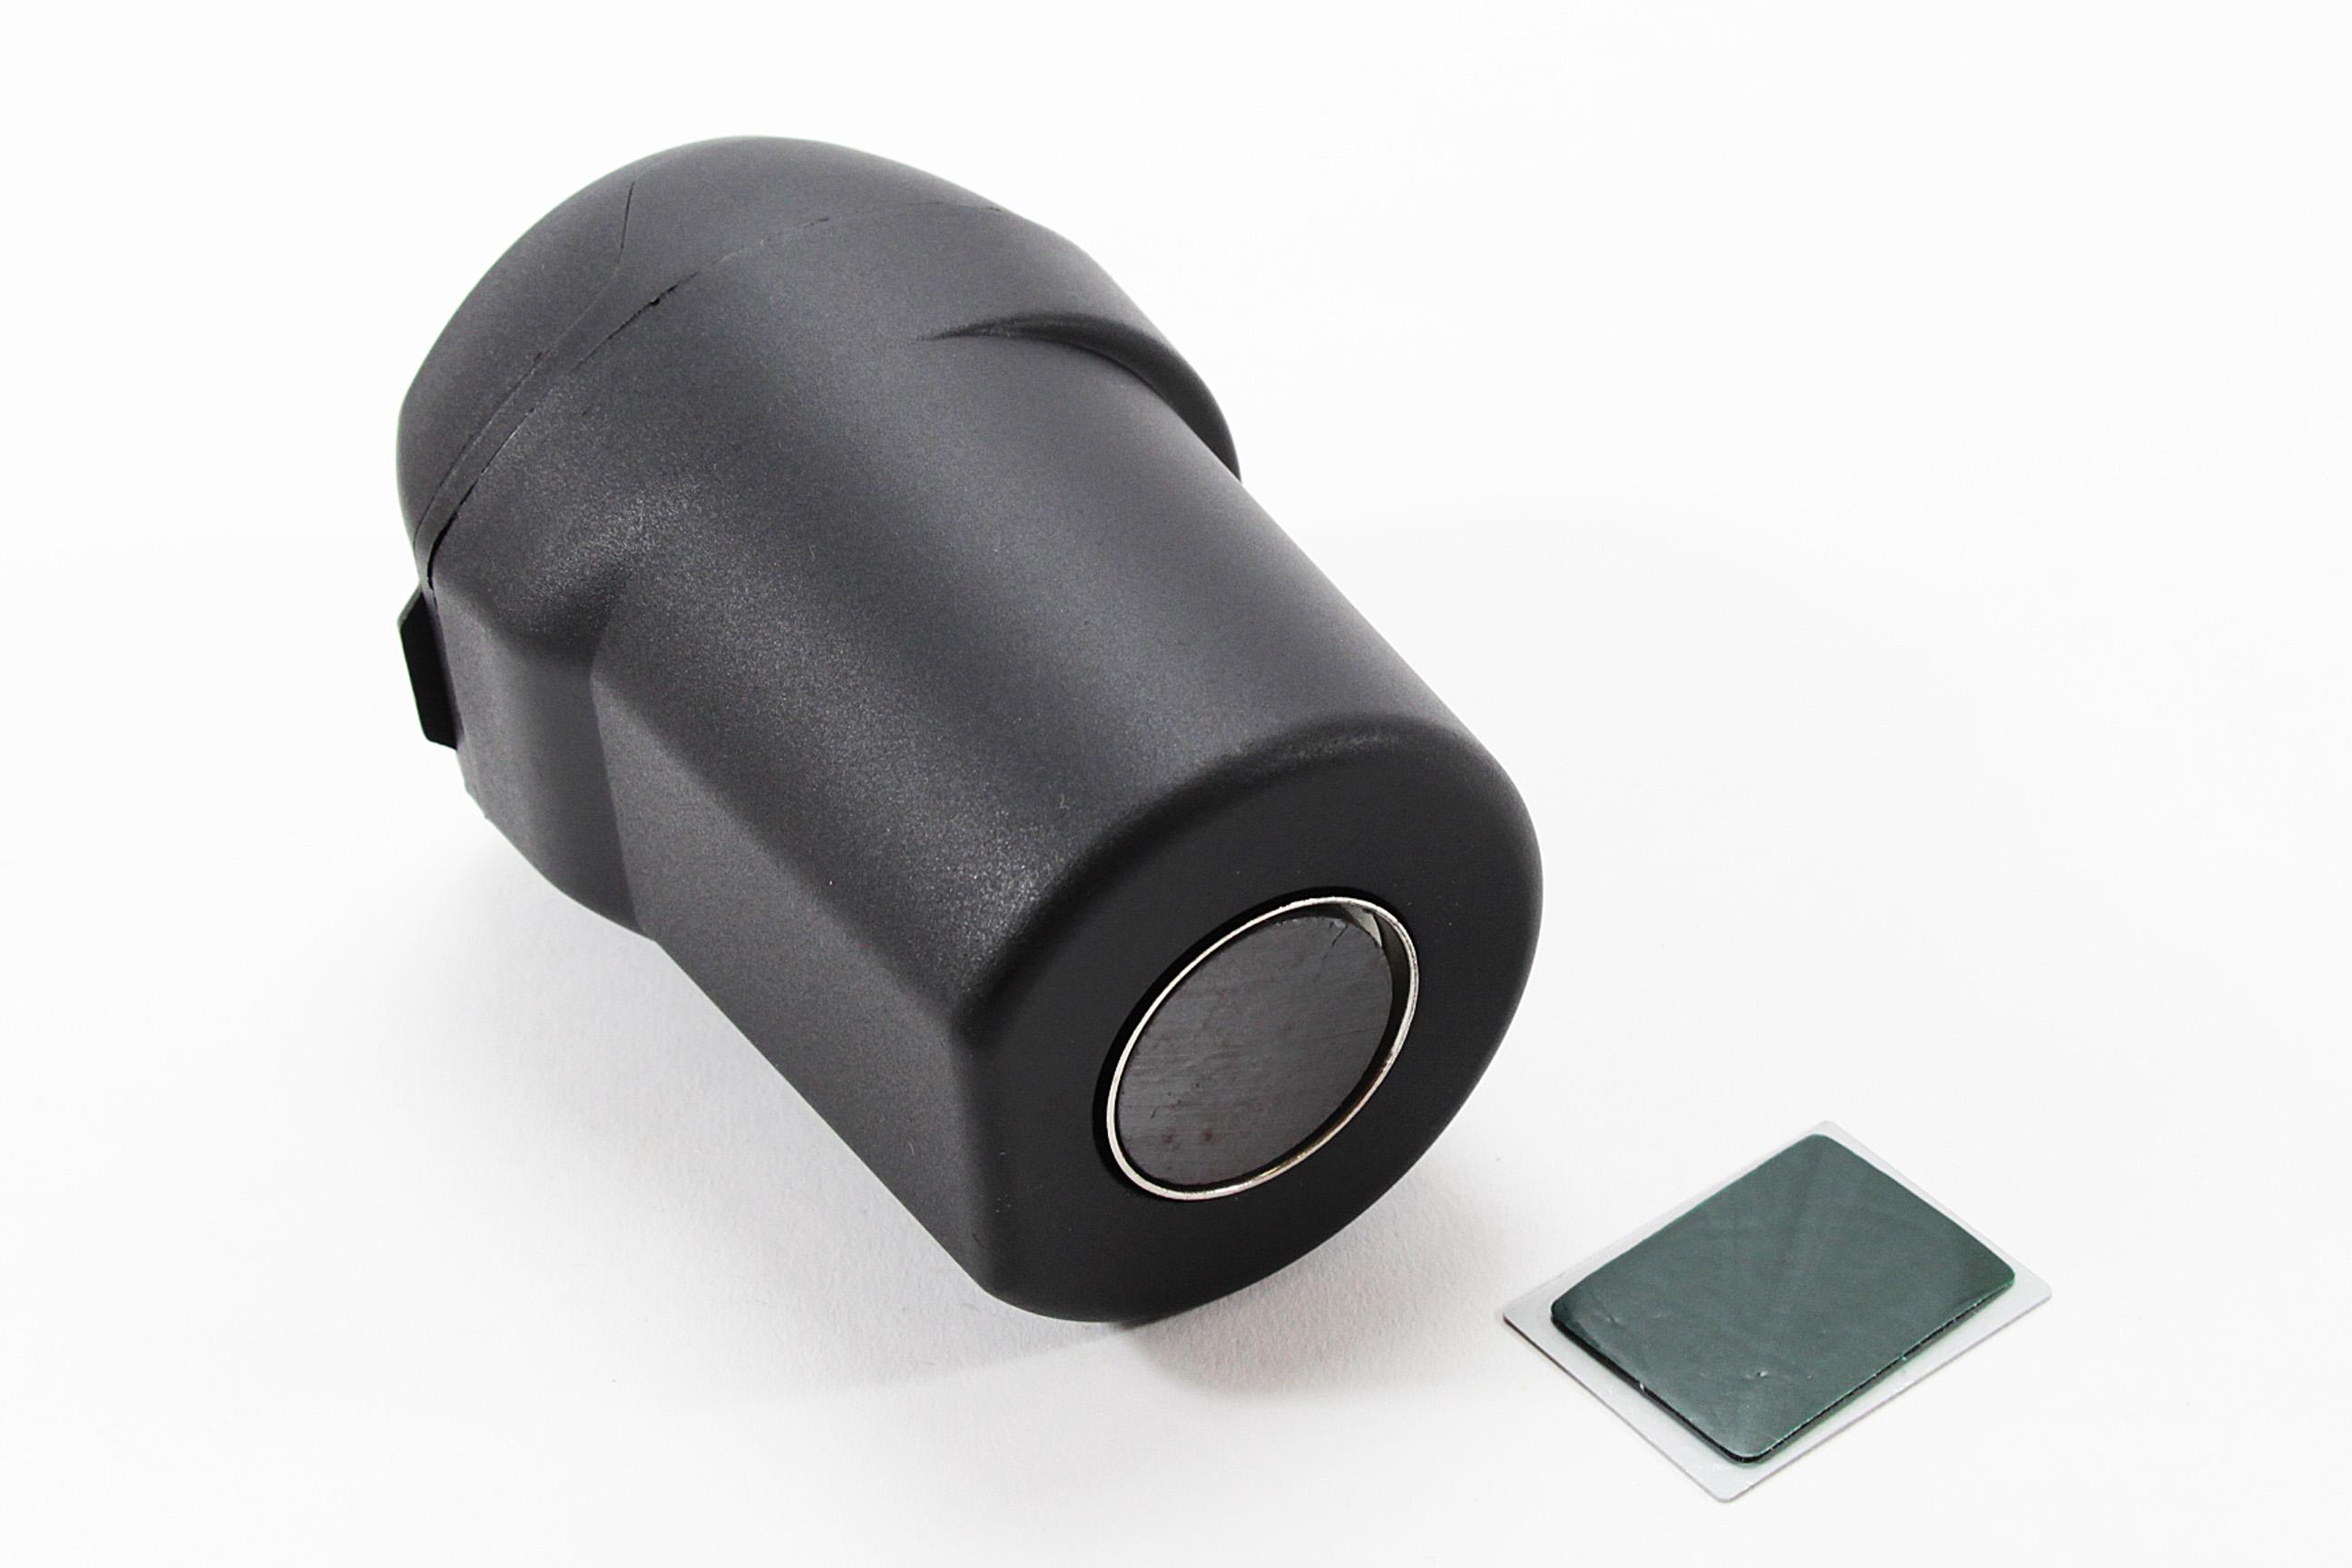 aschenbecher mit magnet f r auto b ro zuhause unterwegs. Black Bedroom Furniture Sets. Home Design Ideas